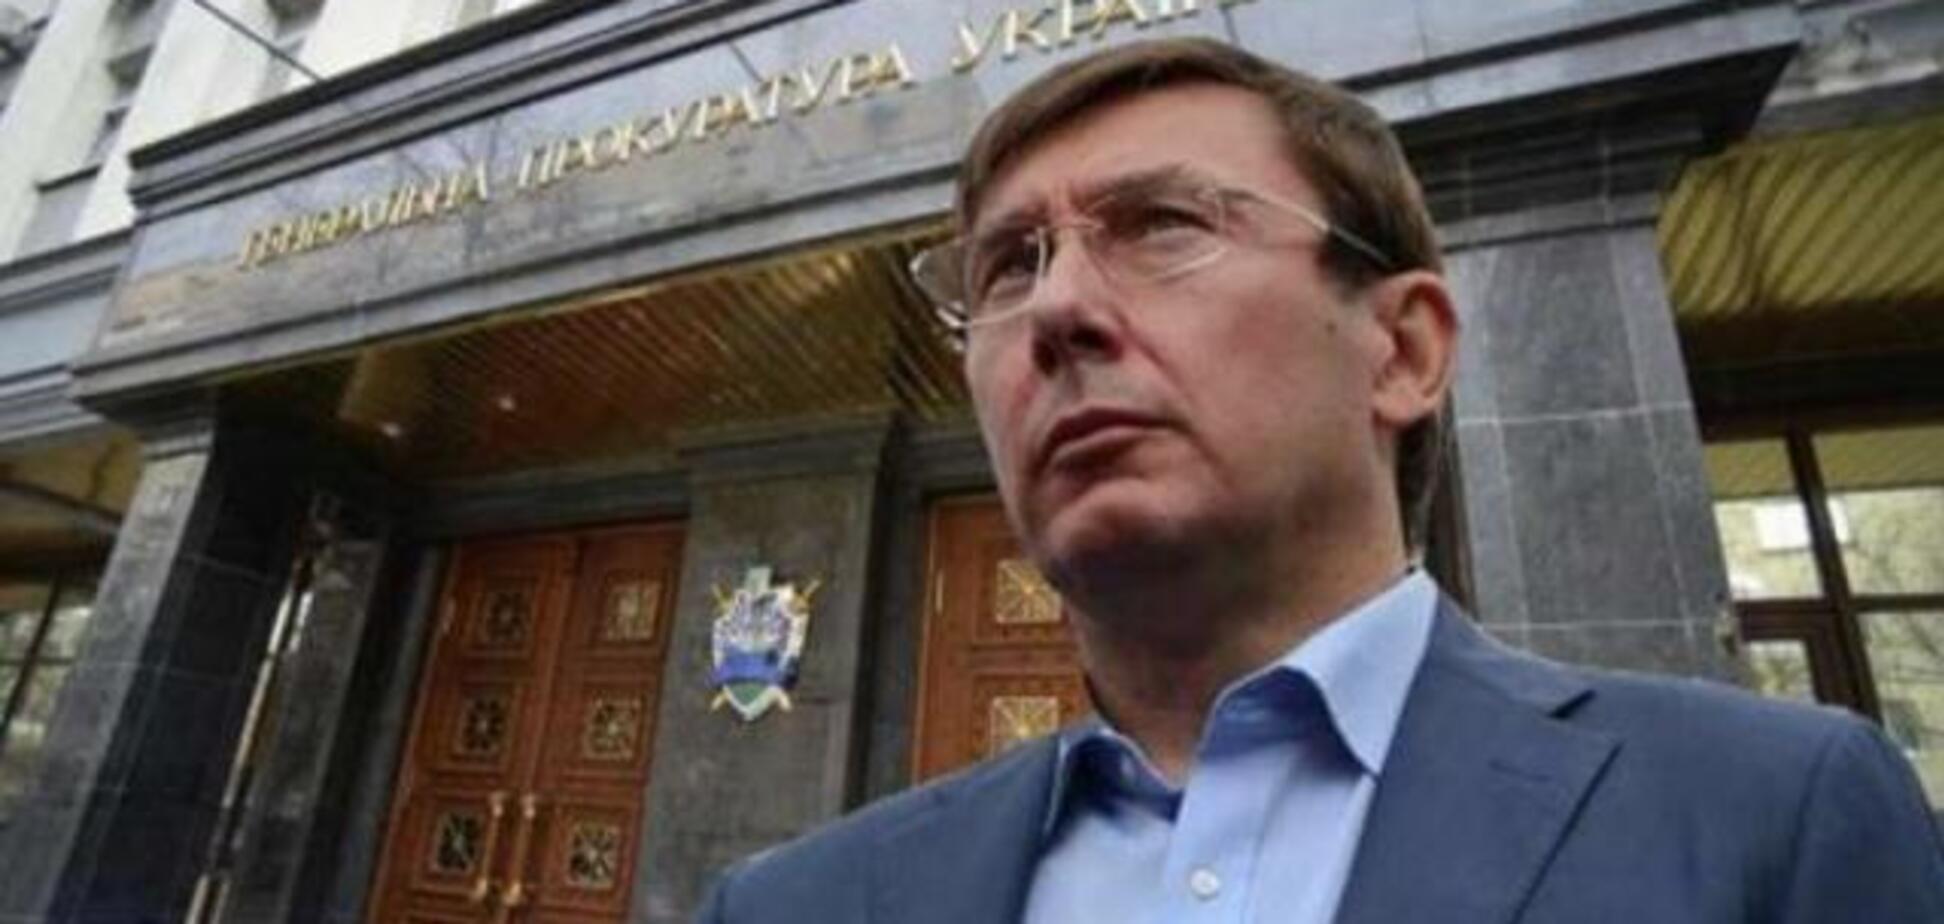 Суд над Януковичем: Луценко оцінив роботу прокурора